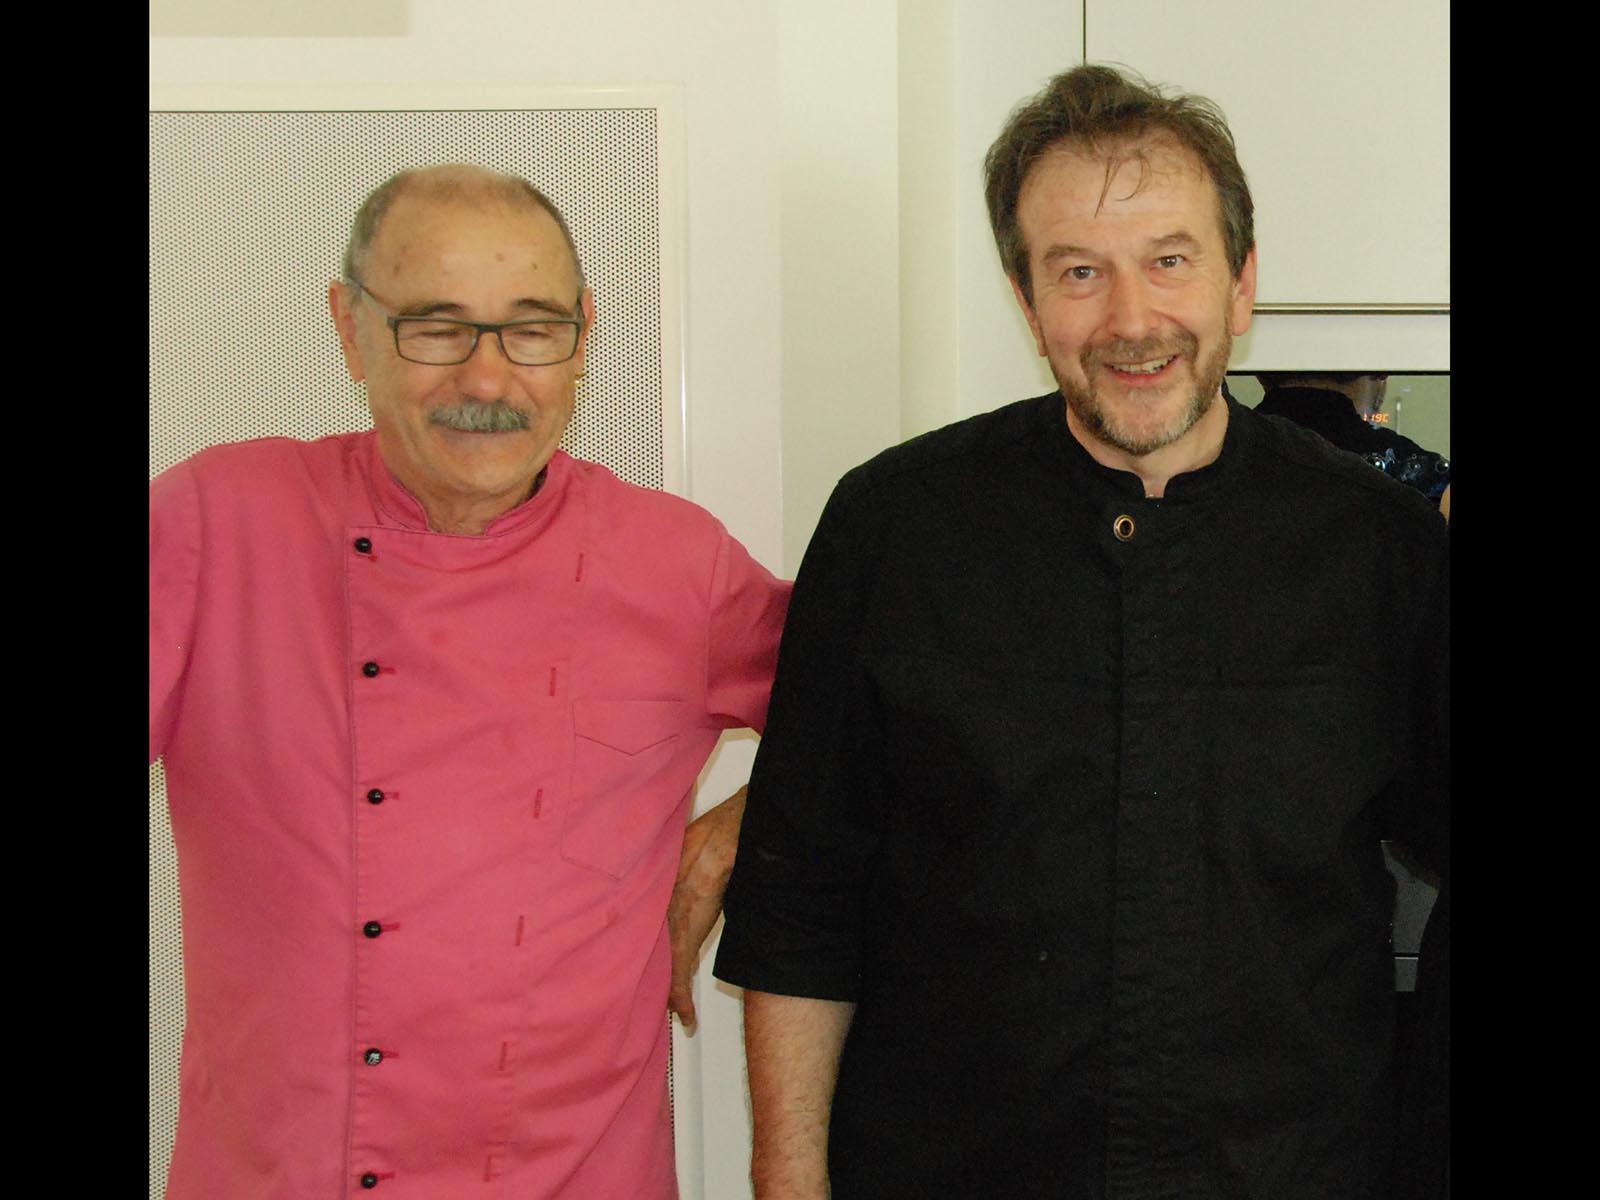 Sämi Raess (l), und Peter Bechter.